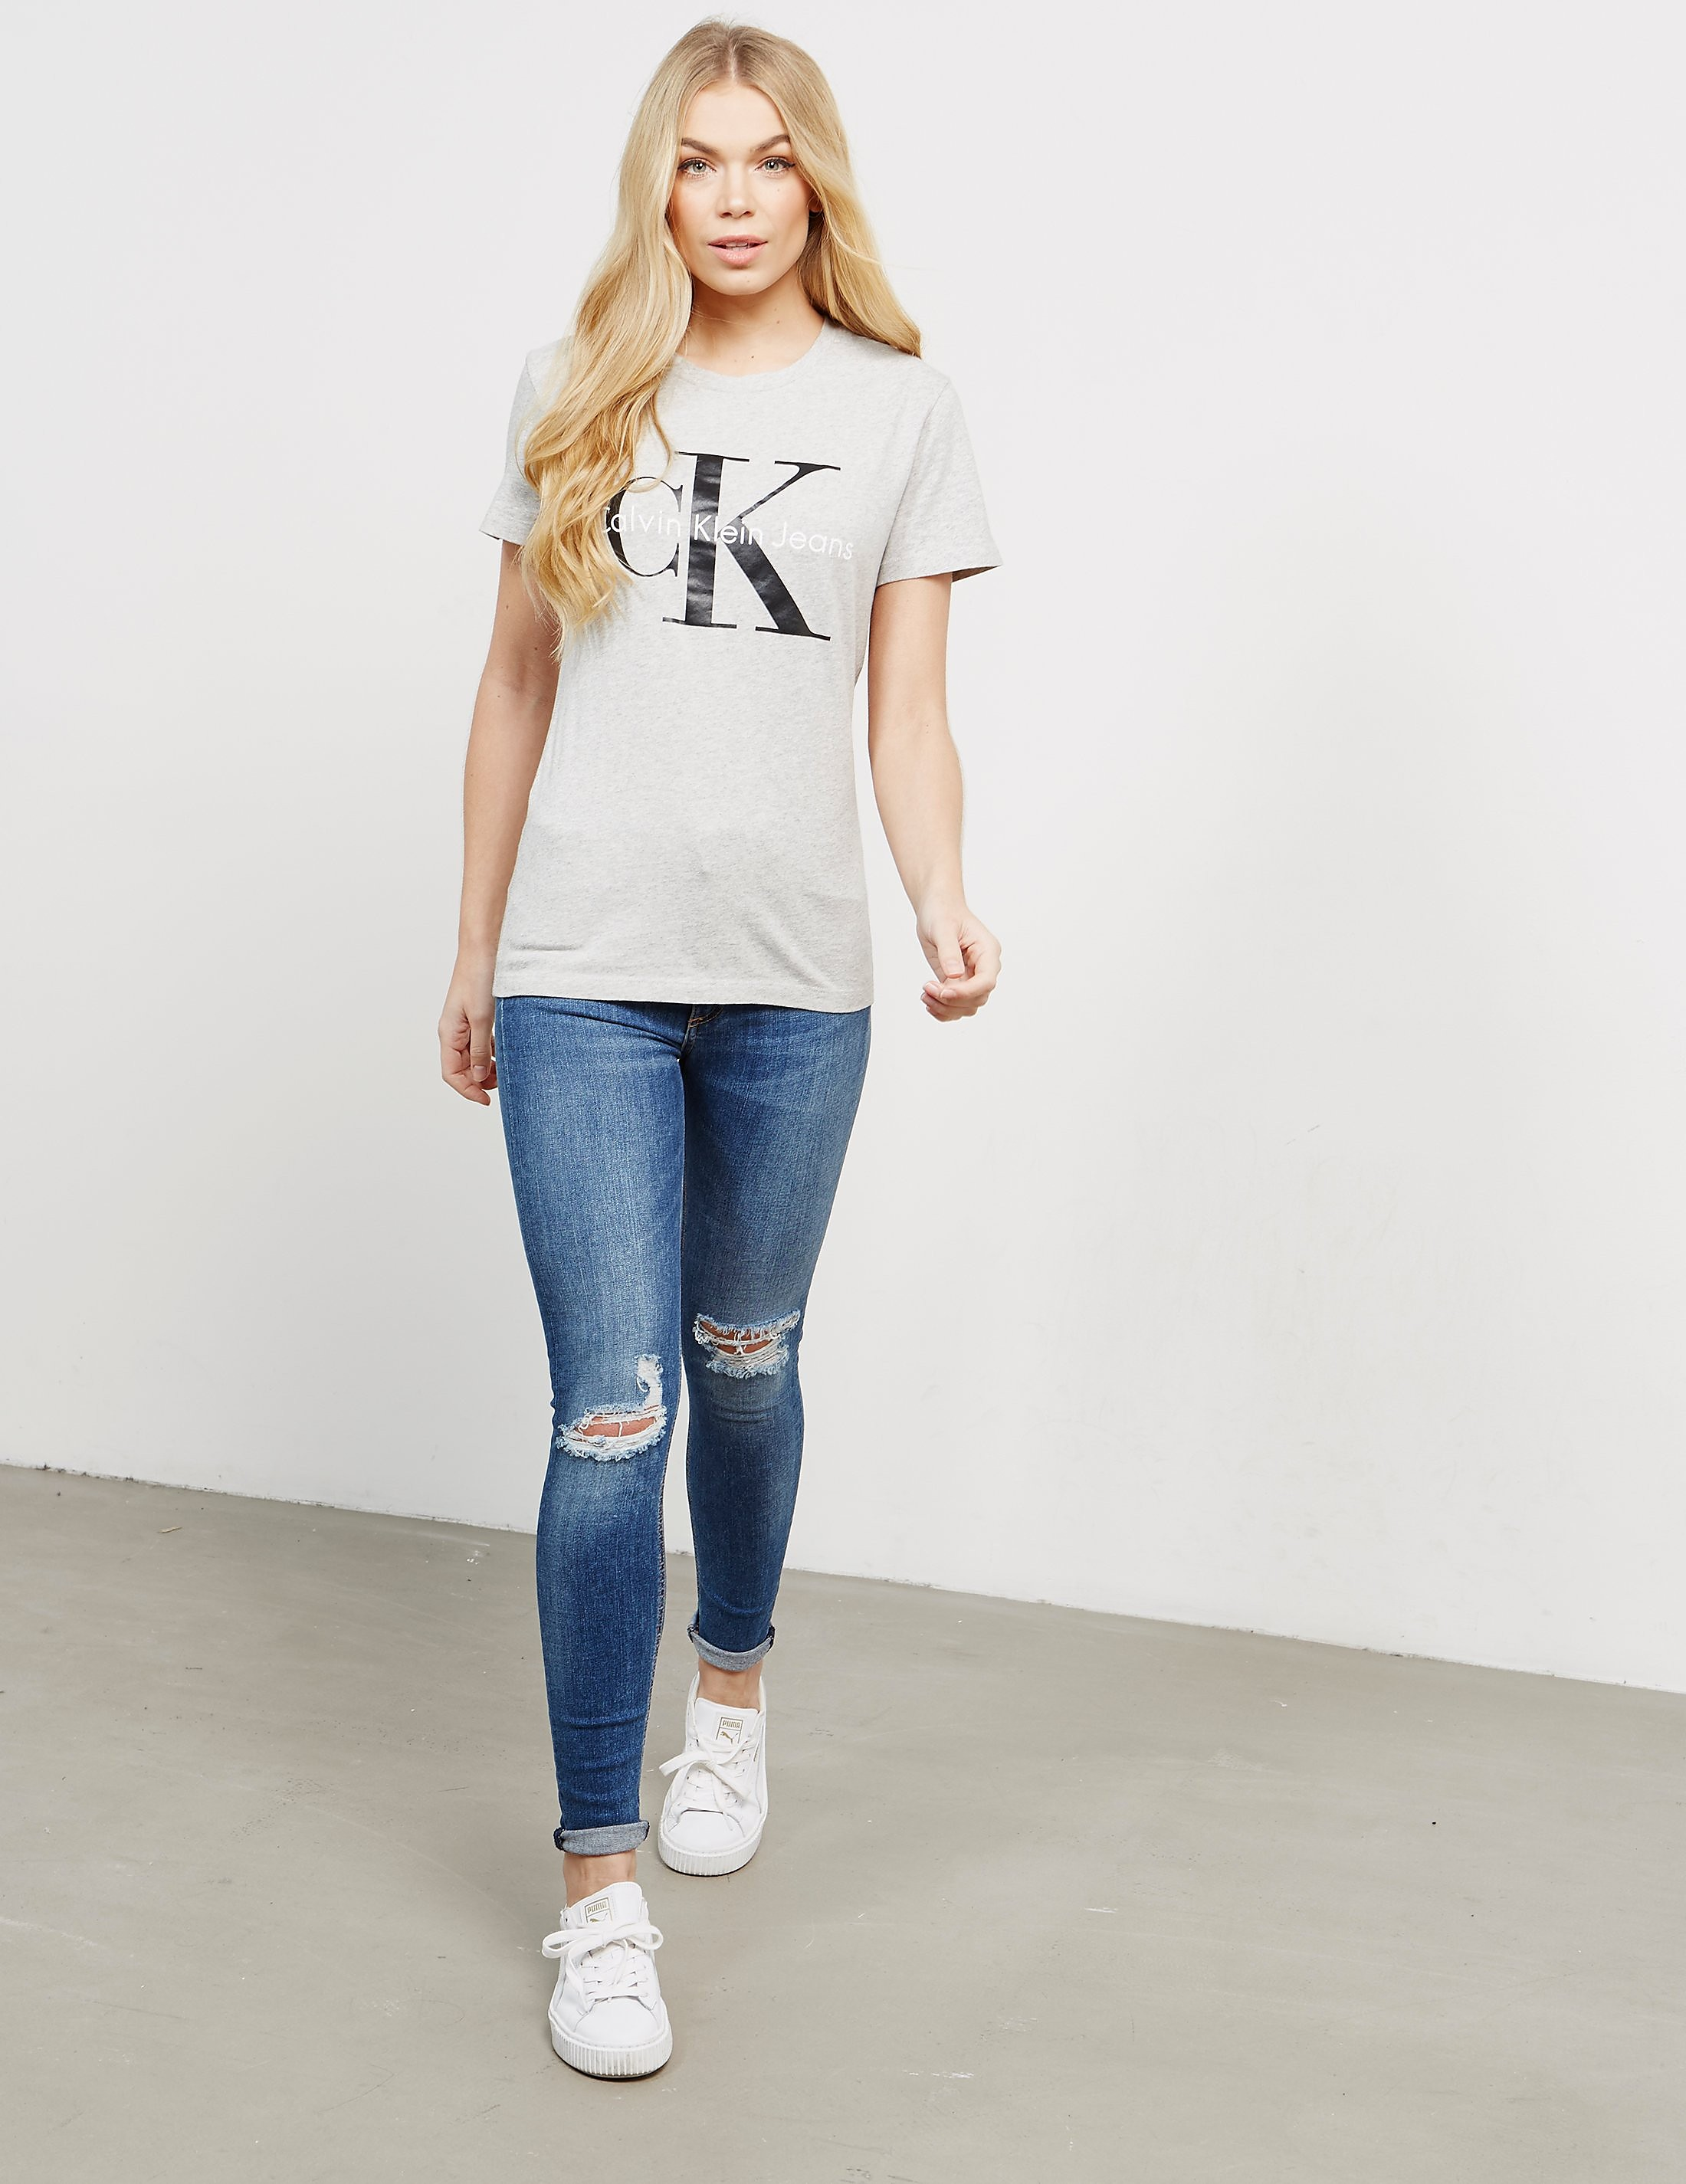 Calvin Klein Short Sleeve Shrunken T-Shirt